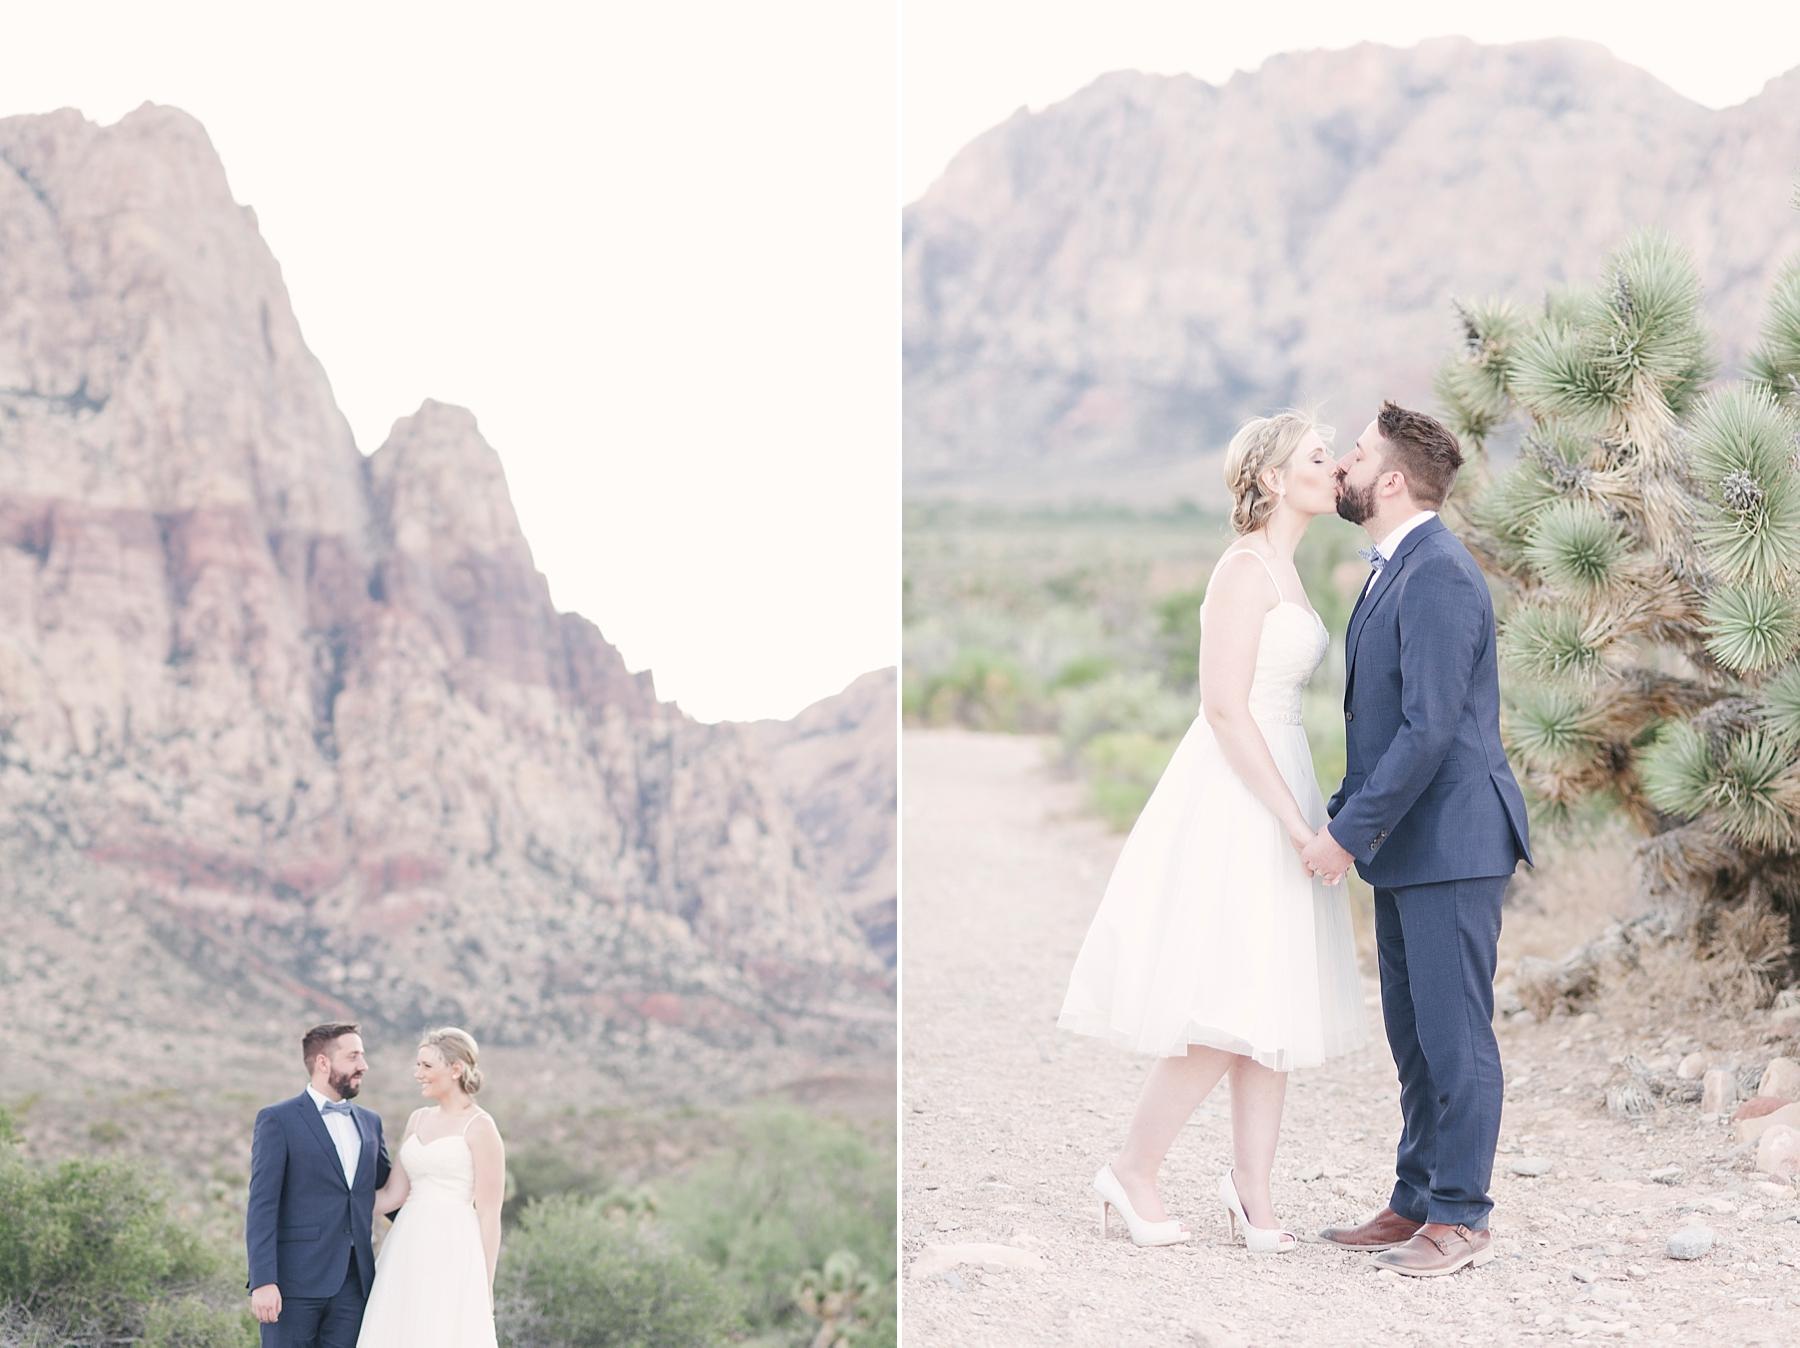 Las_Vegas_Neon_Museum_Wedding_desert_elopement-22.jpg